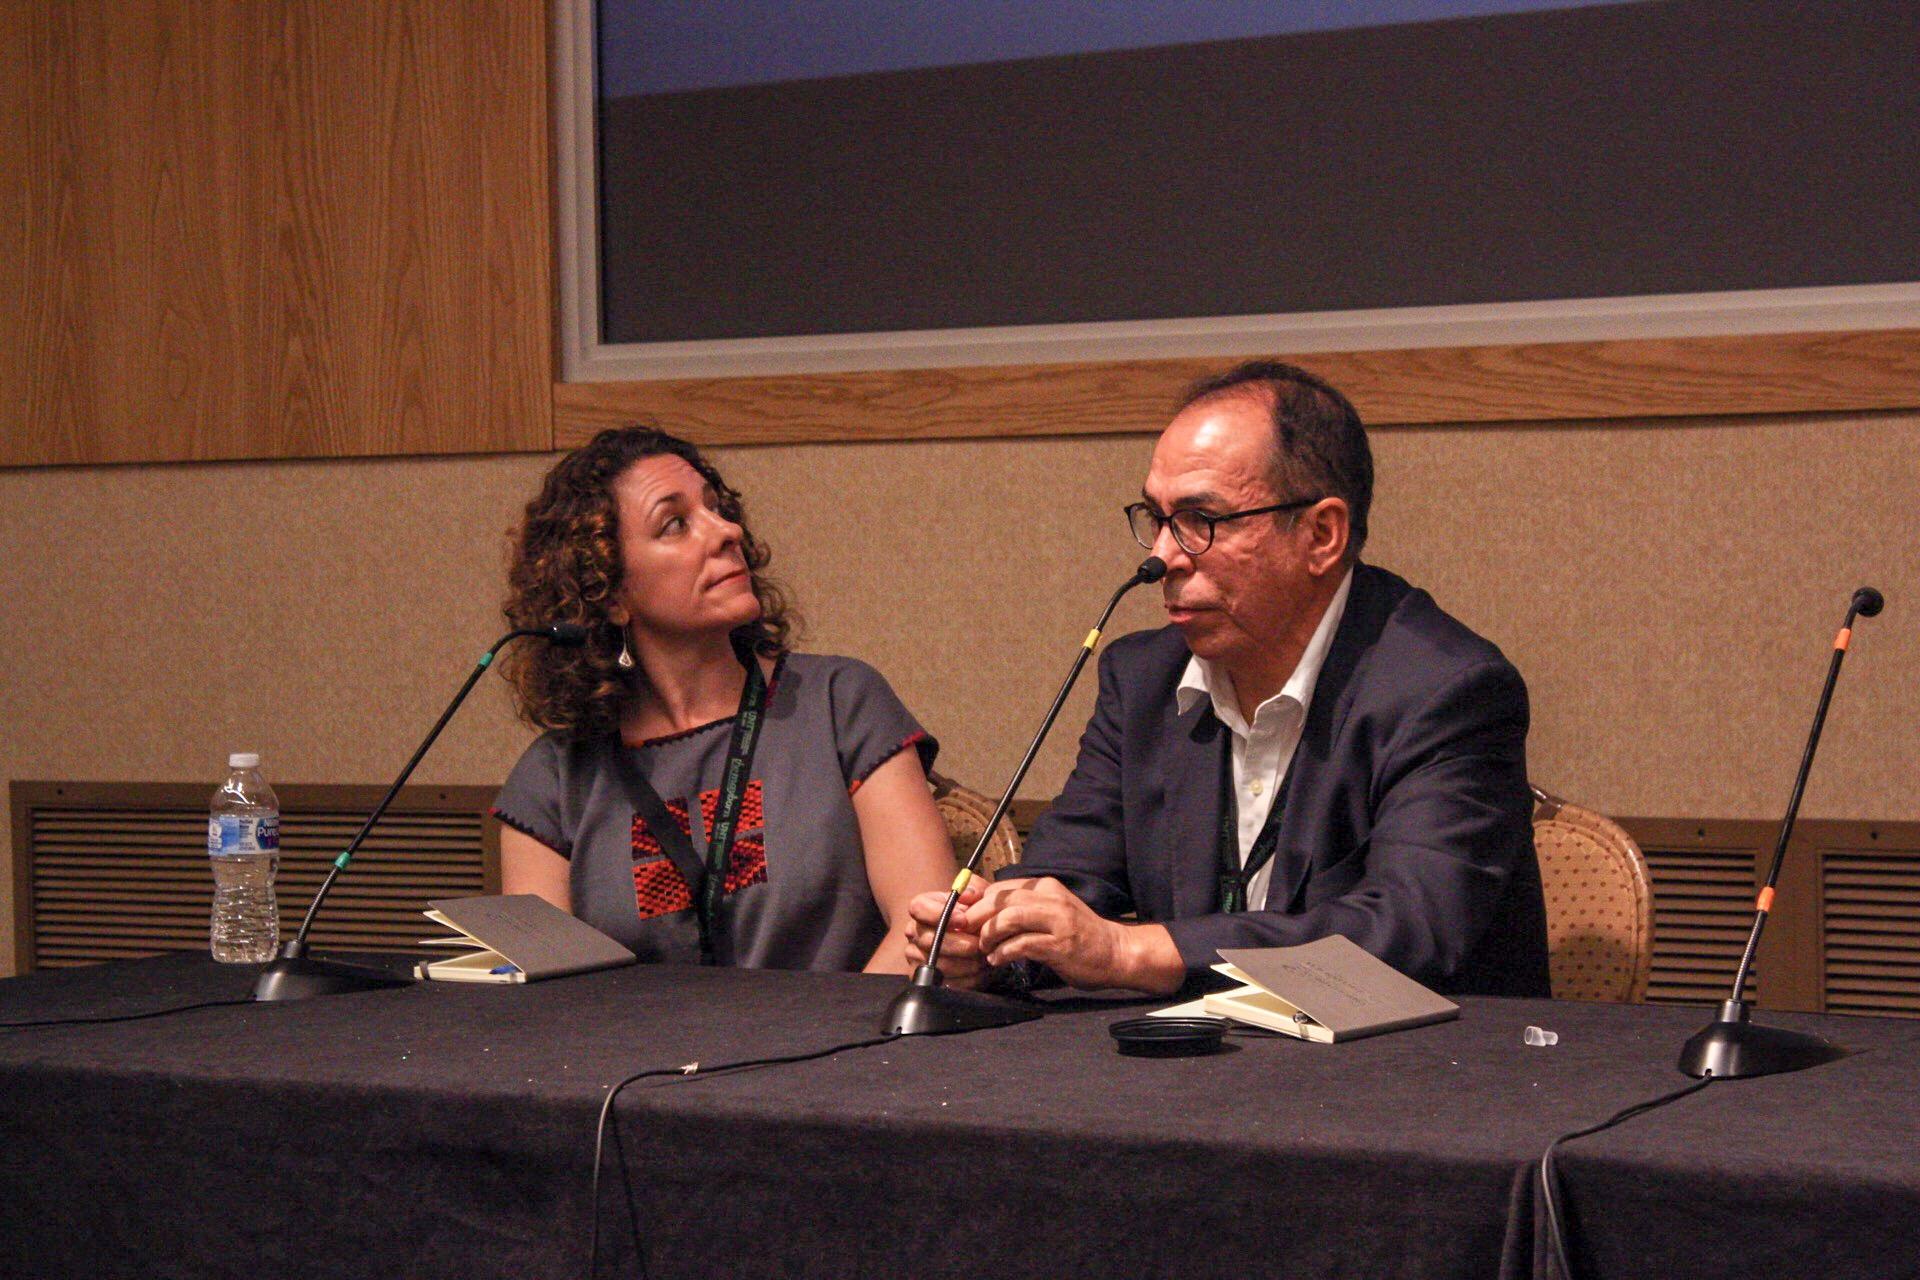 From left to right: Melissa Del Bosque, Alfredo Corchado.